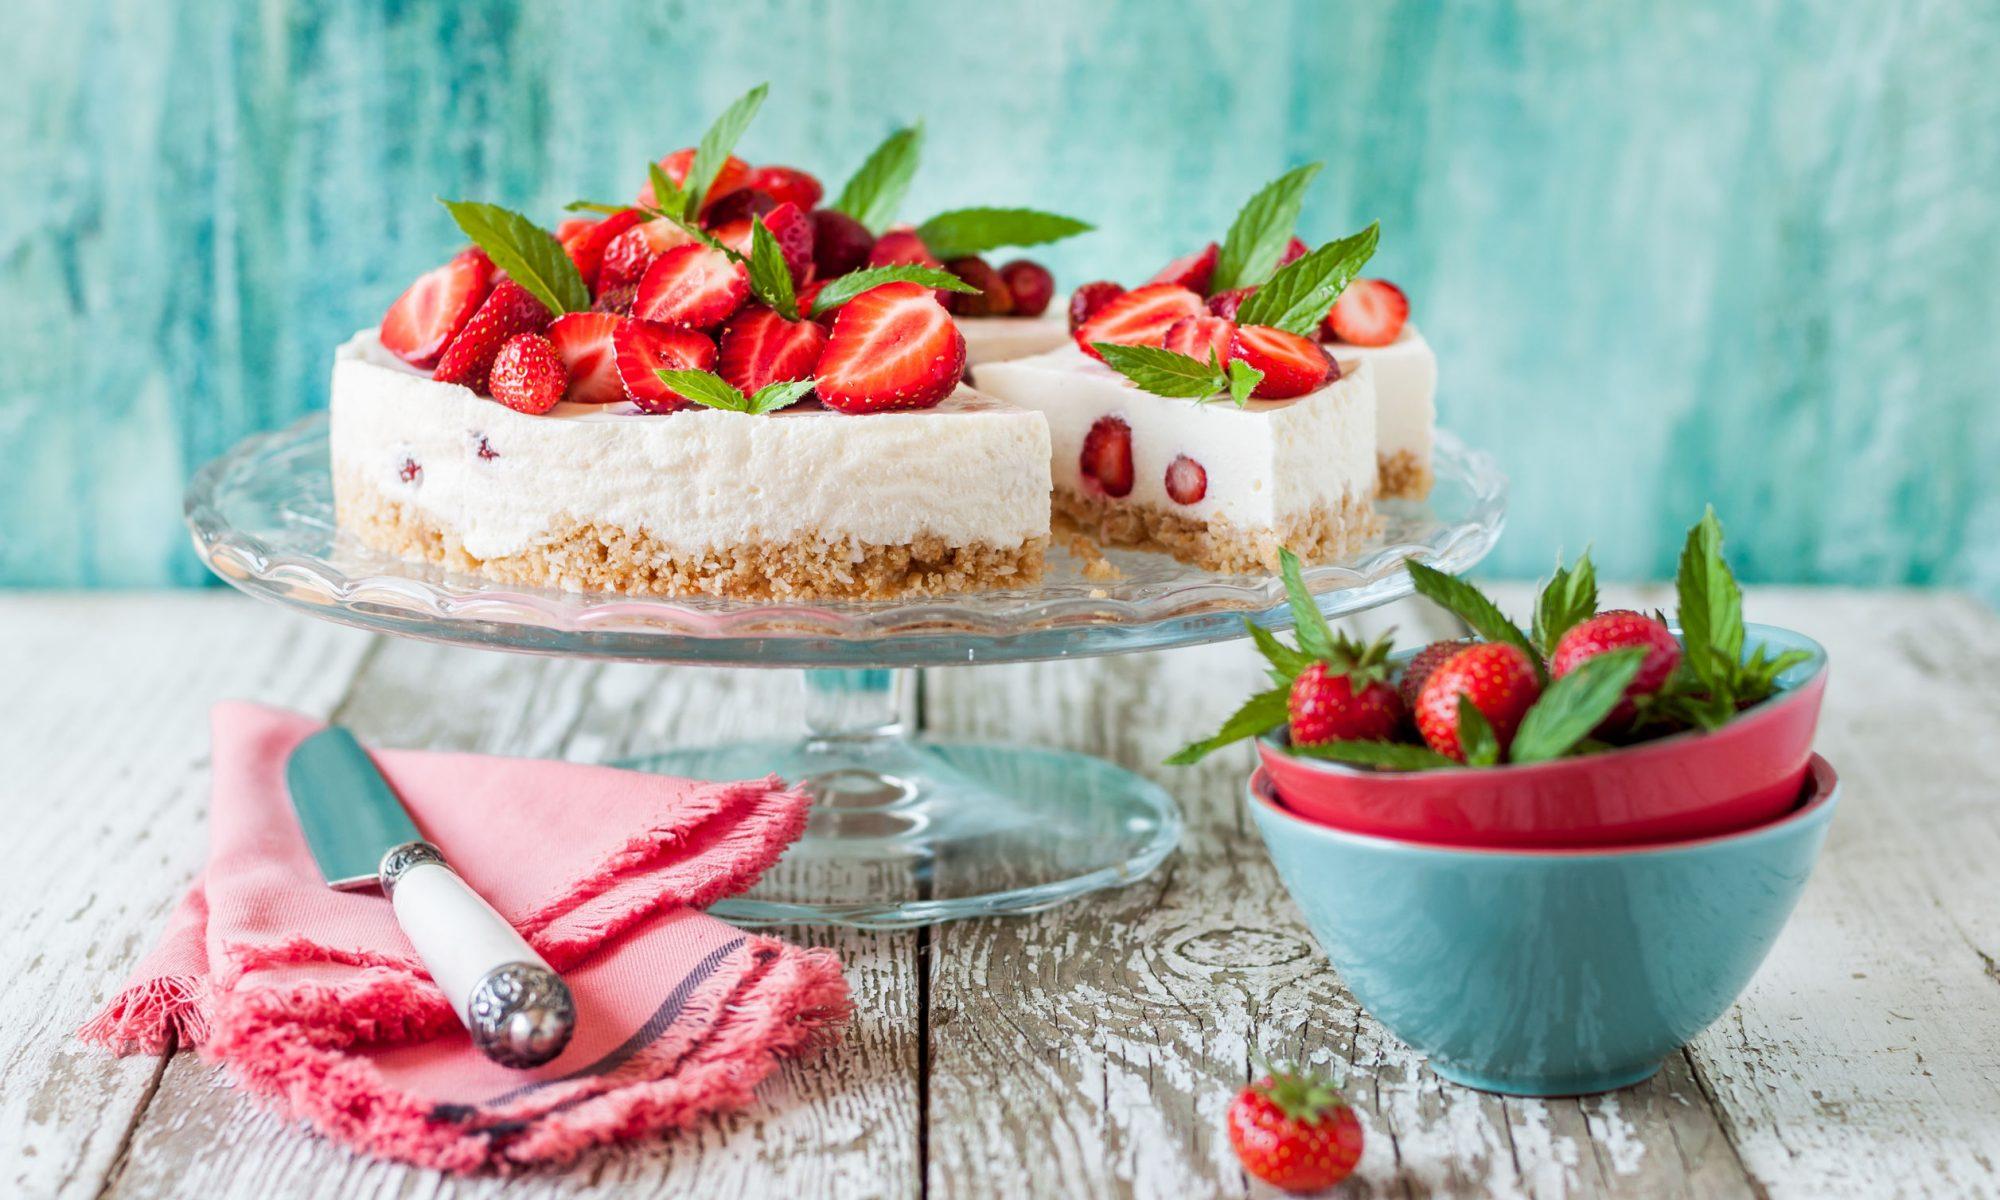 Творожный торт: рецепт на любой вкус